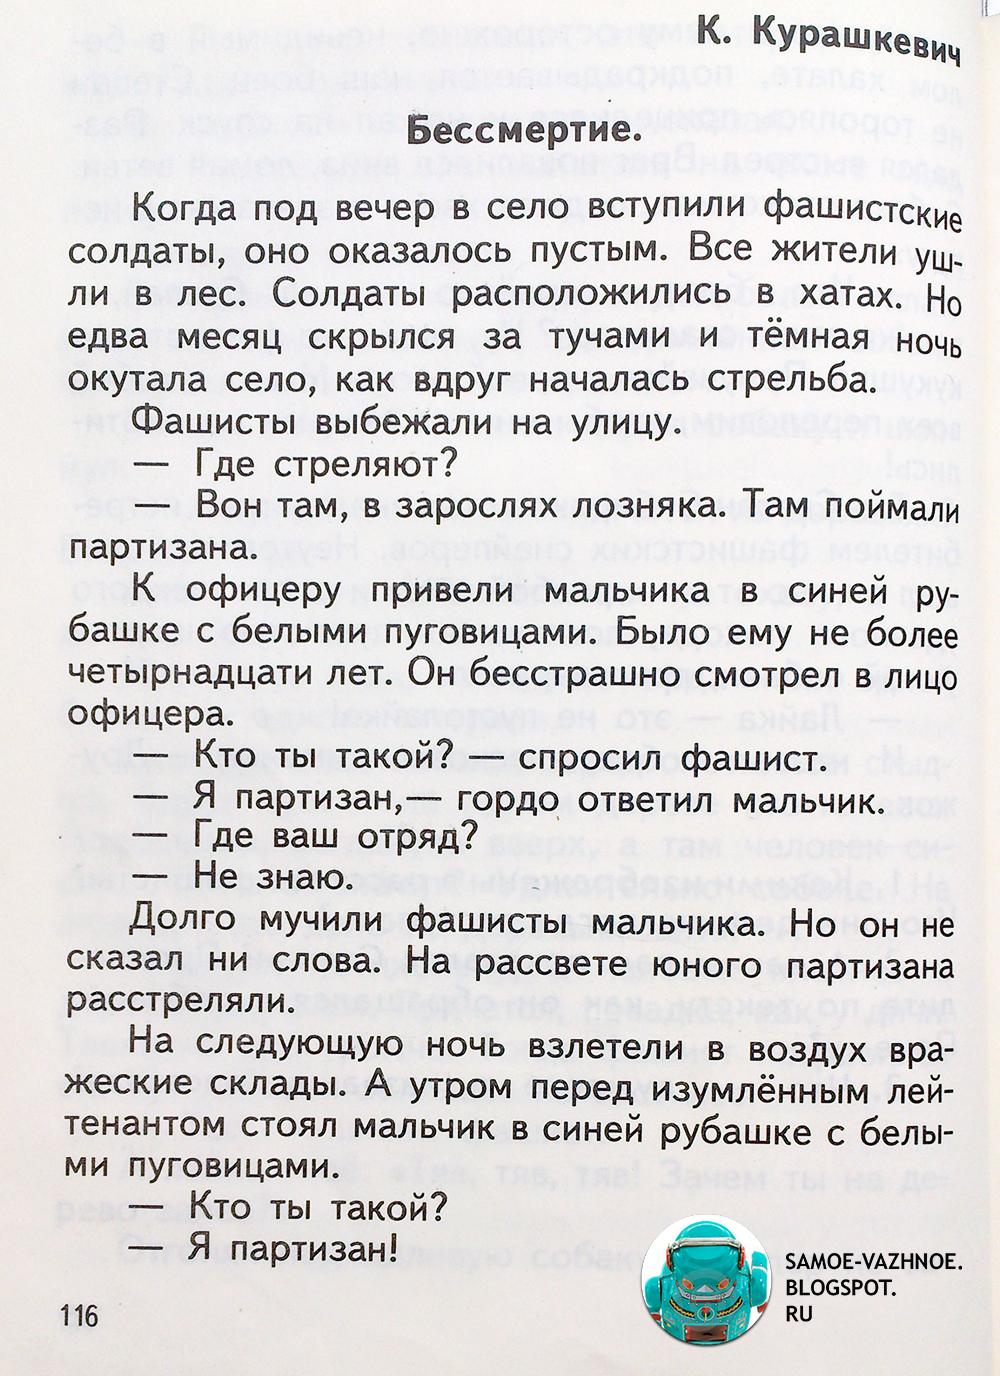 Курашкевич Бессмертие читать онлайн